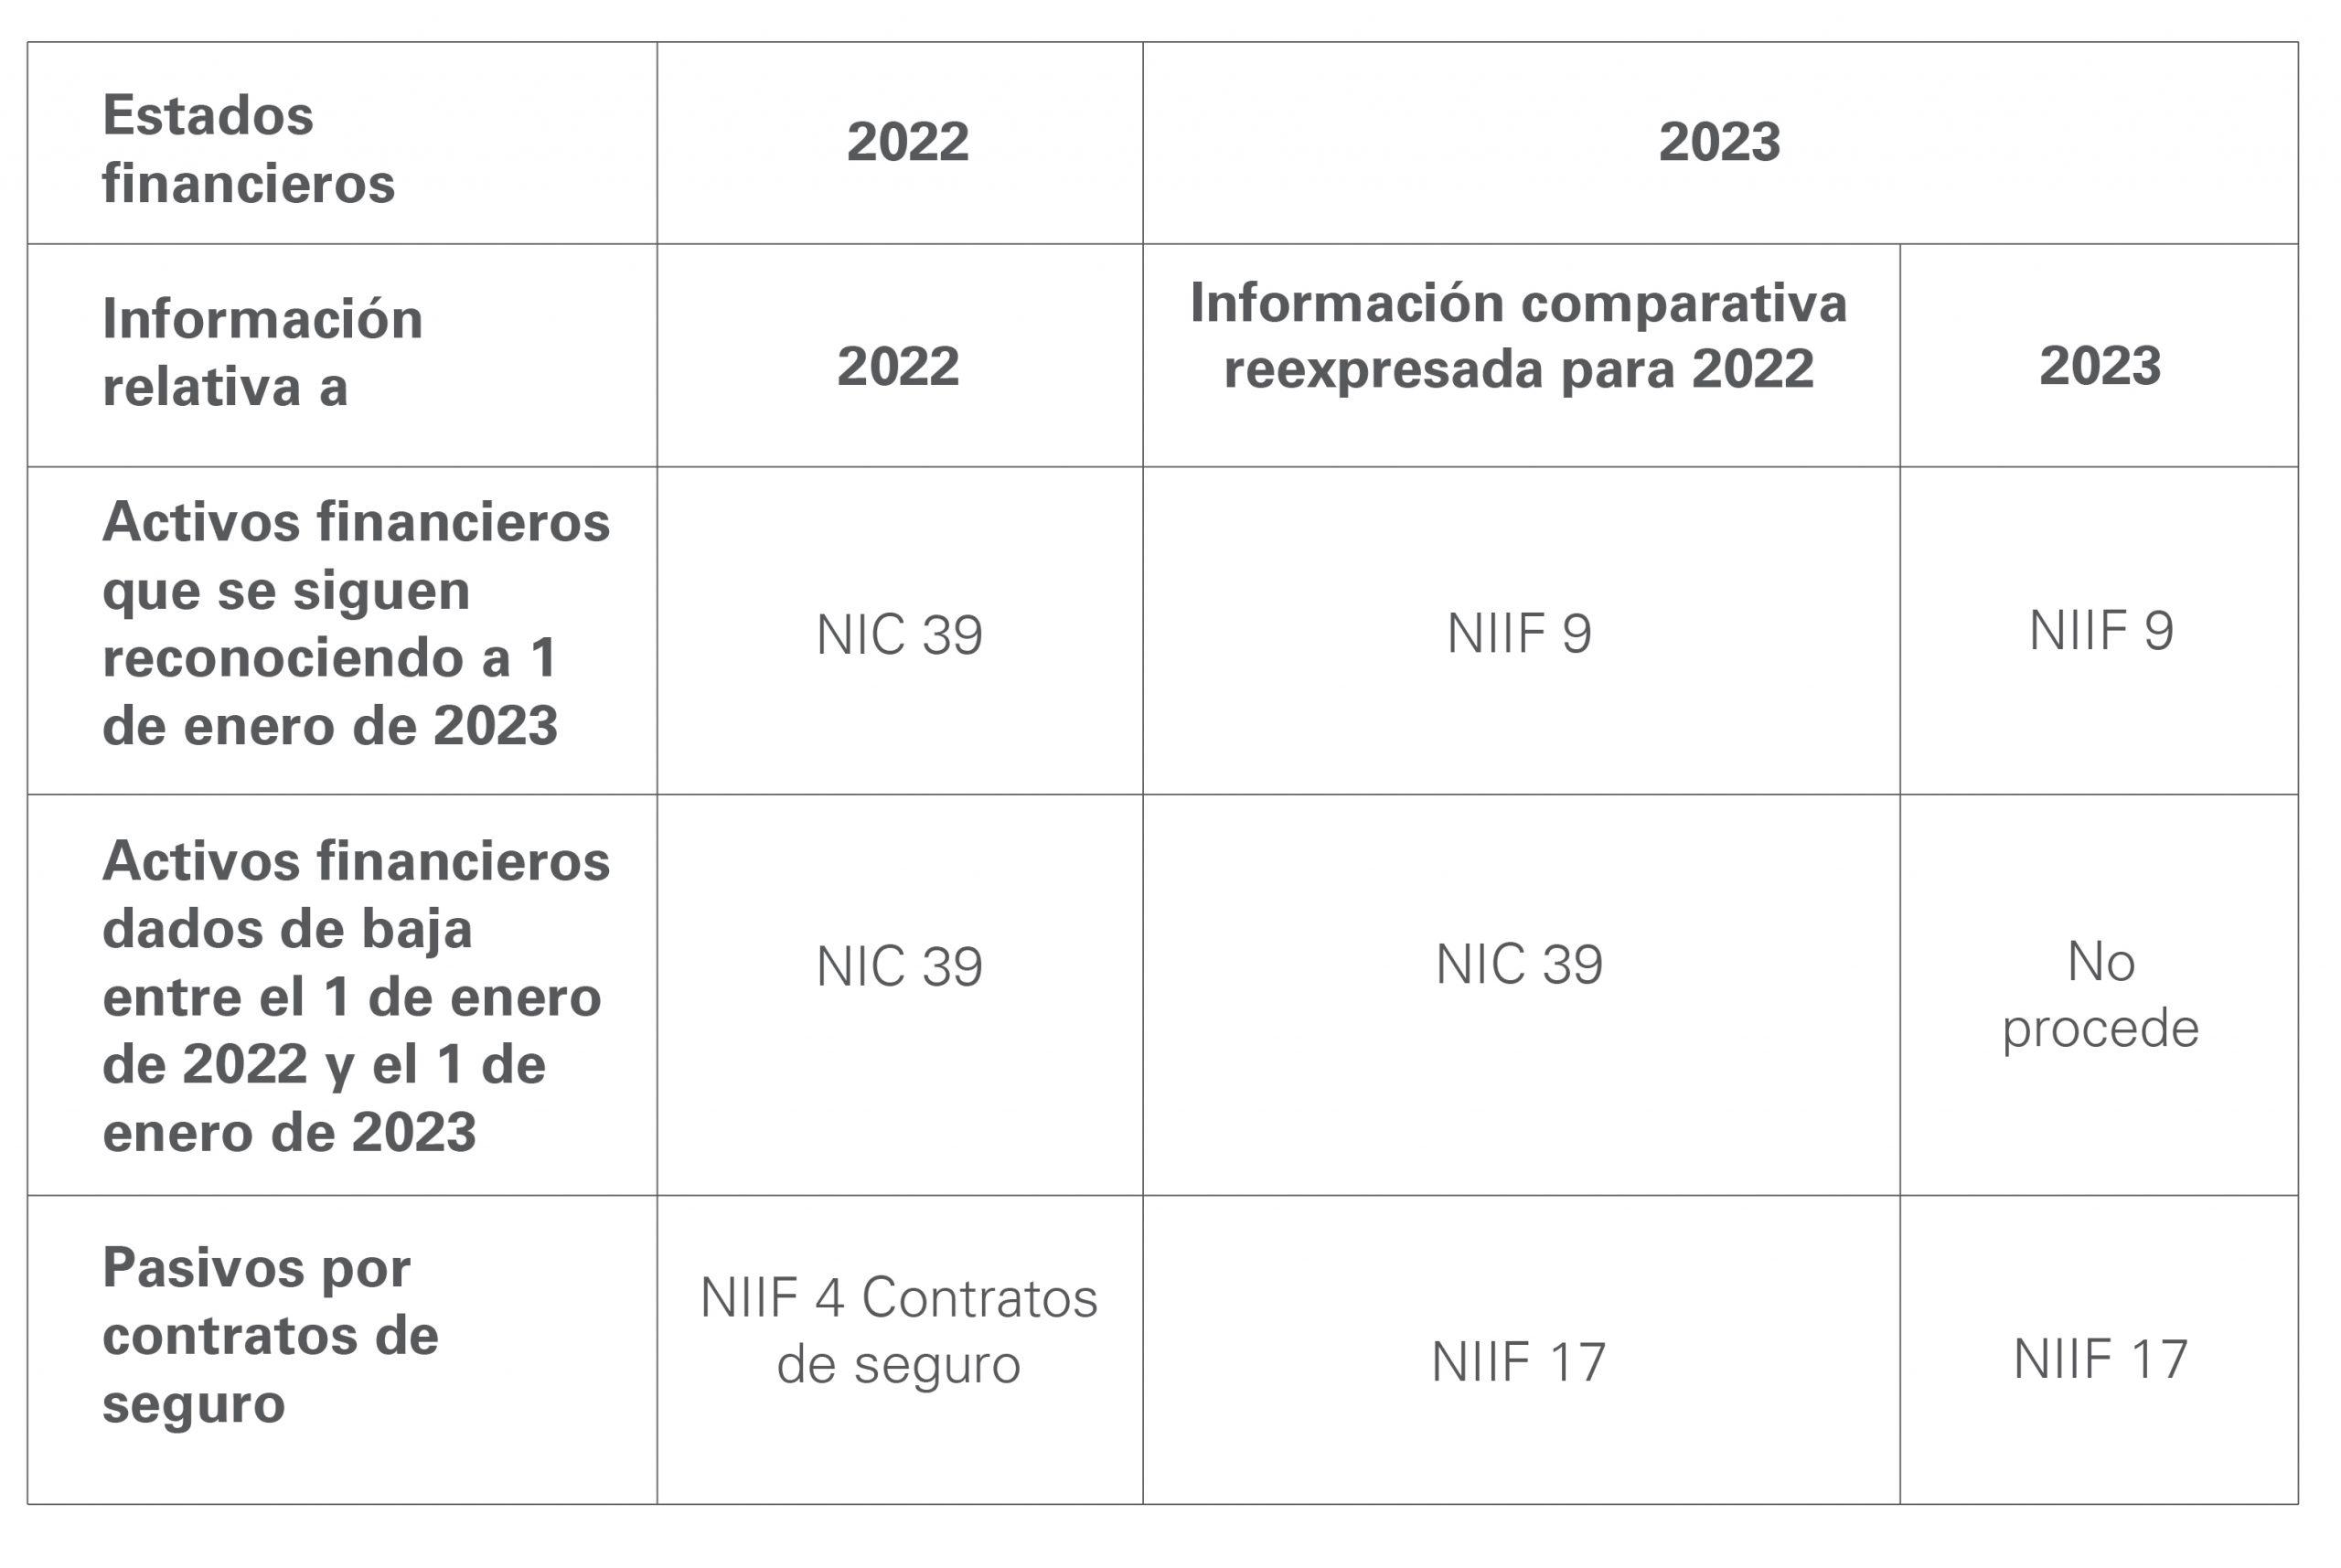 Estados financieros NIIF 17